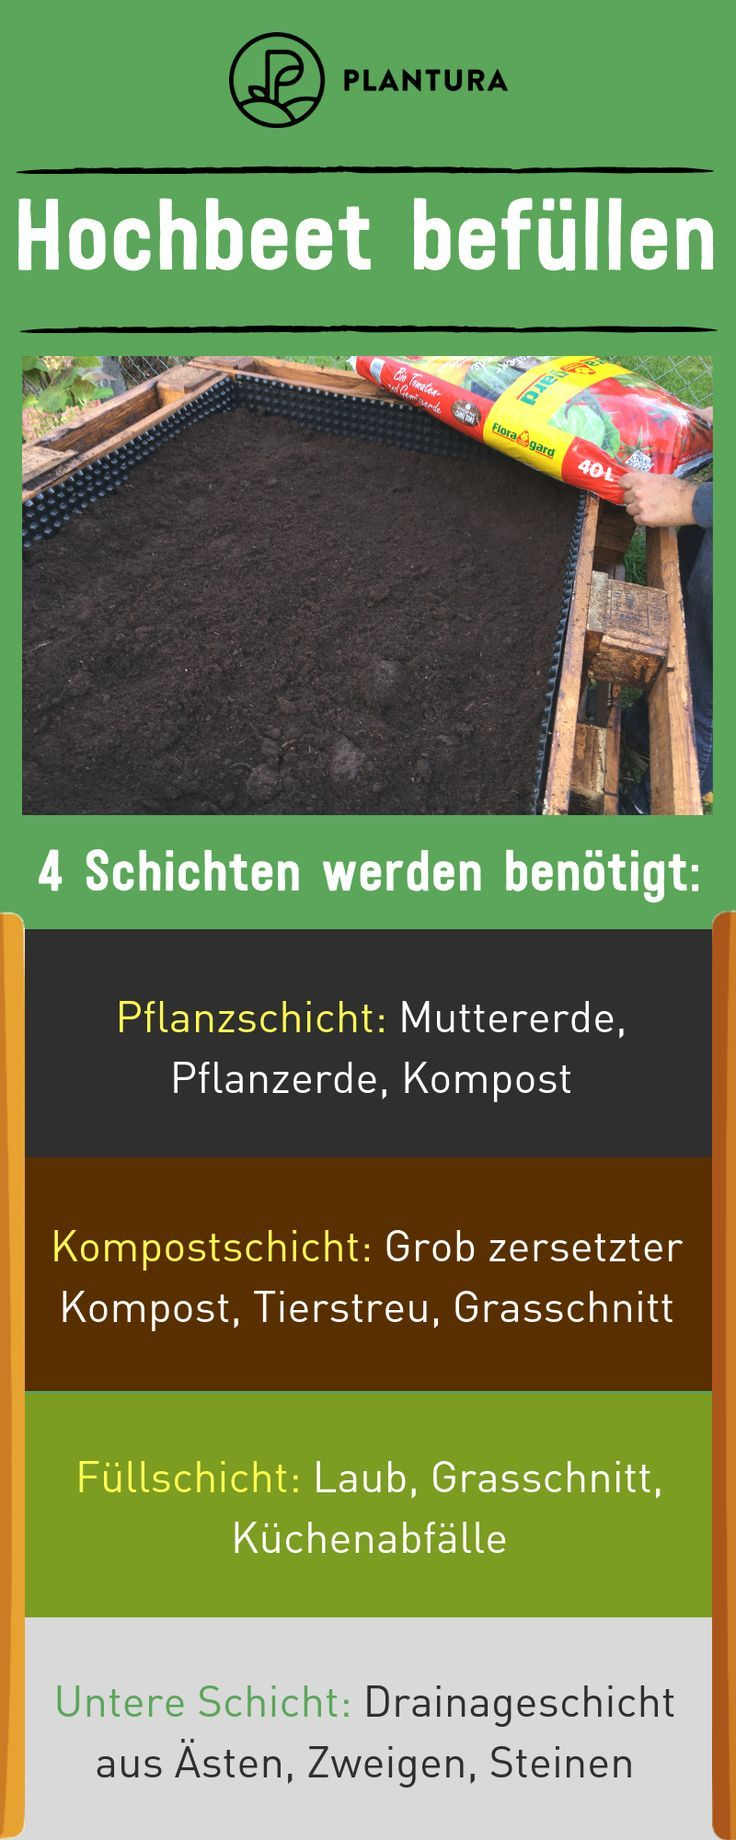 Hochbeet befüllen: Tipps zum Schichten & Füllen - Plantura